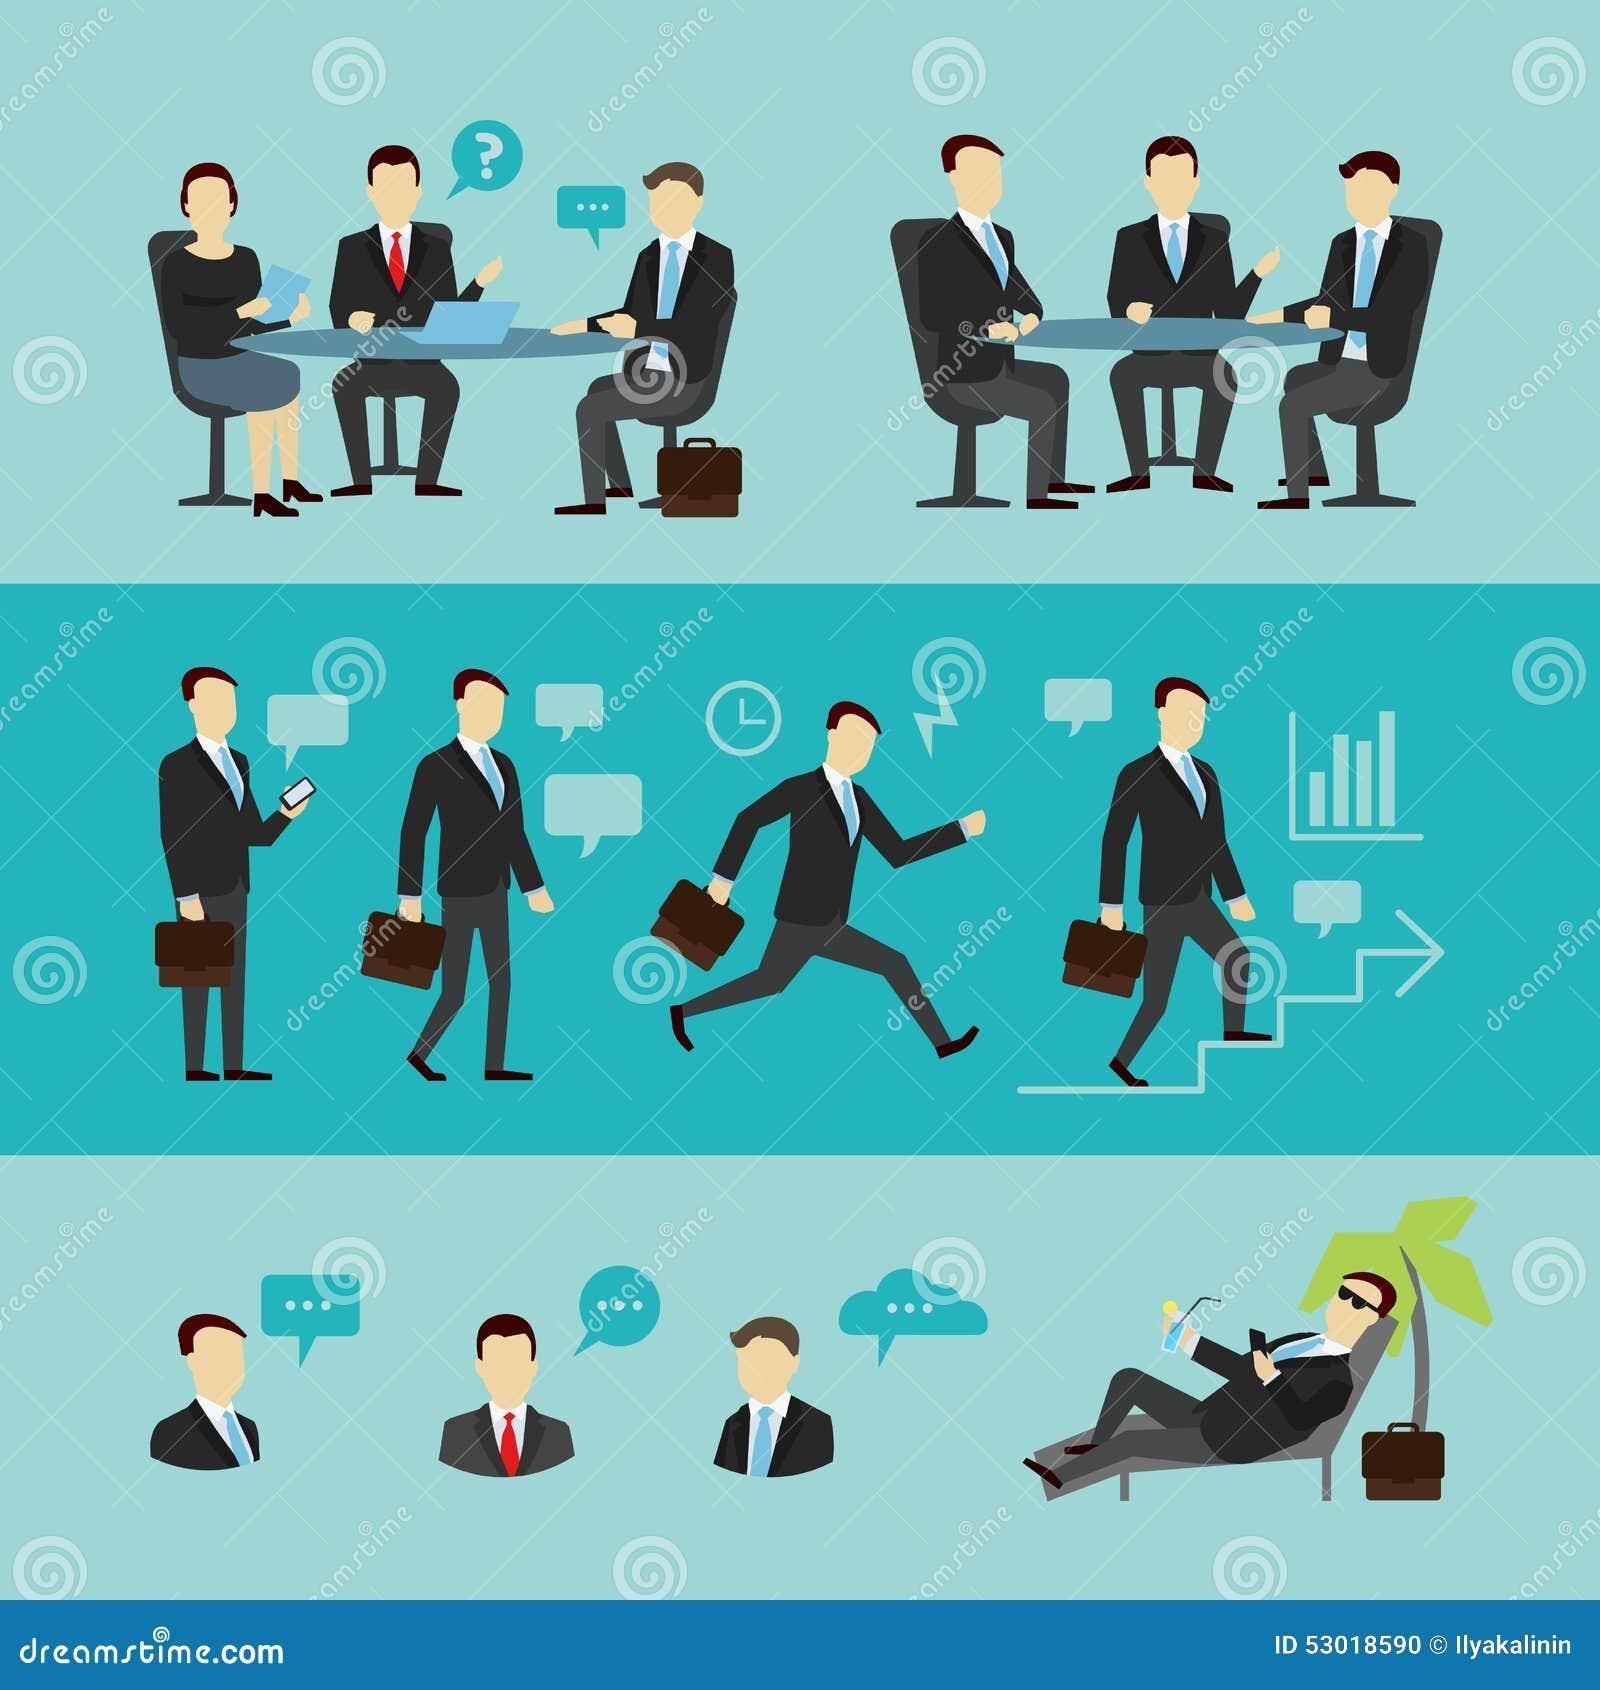 teamwork set interview vector flat stock vector image  teamwork set interview vector flat